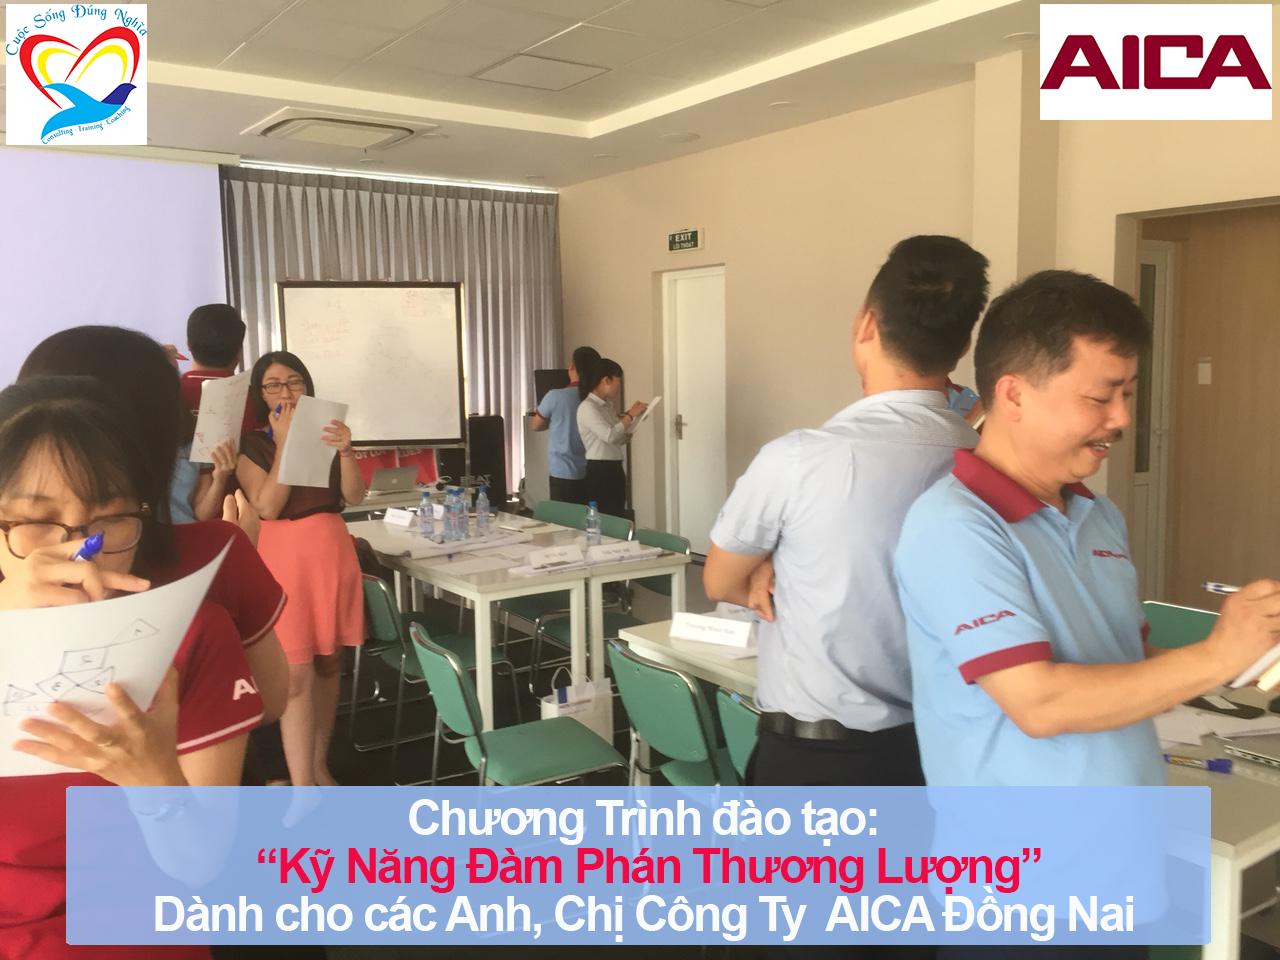 Chương trình đào tạo Kỹ năng Đàm Phán Thương Lượng Cho AICA Đồng Nai